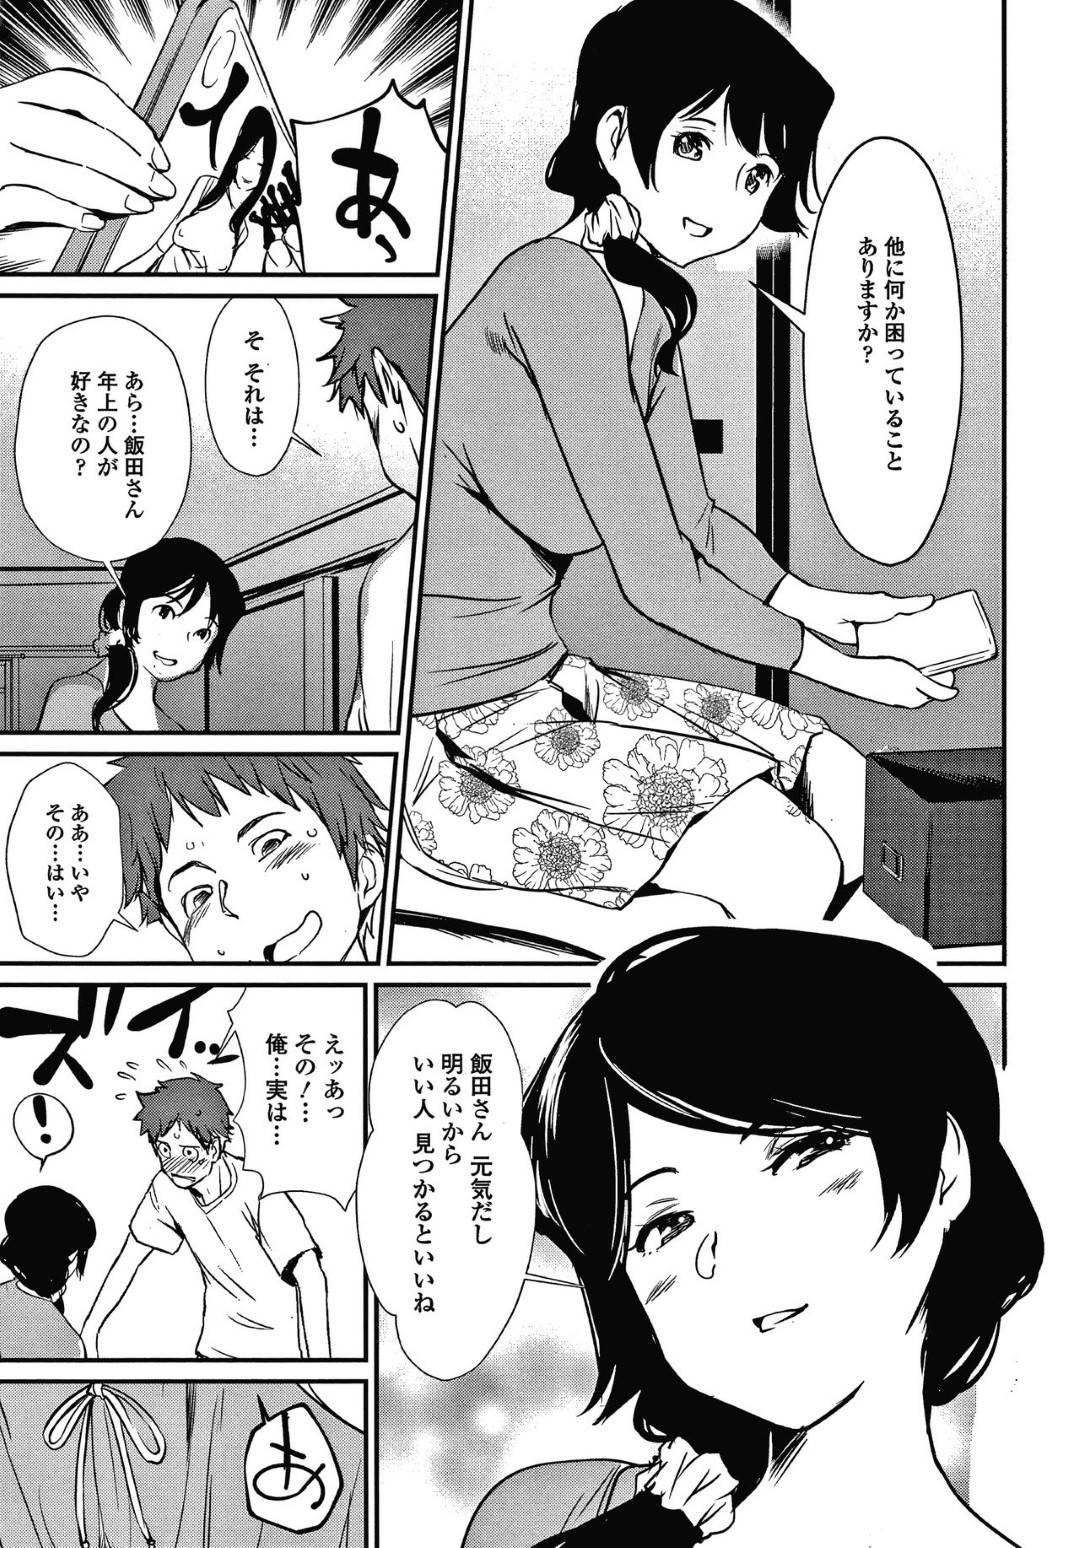 【エロ漫画】両手を怪我した男性住人の部屋を訪ねる大家の娘…管理責任を感じて家事を手伝うことに!【シオマネキ】